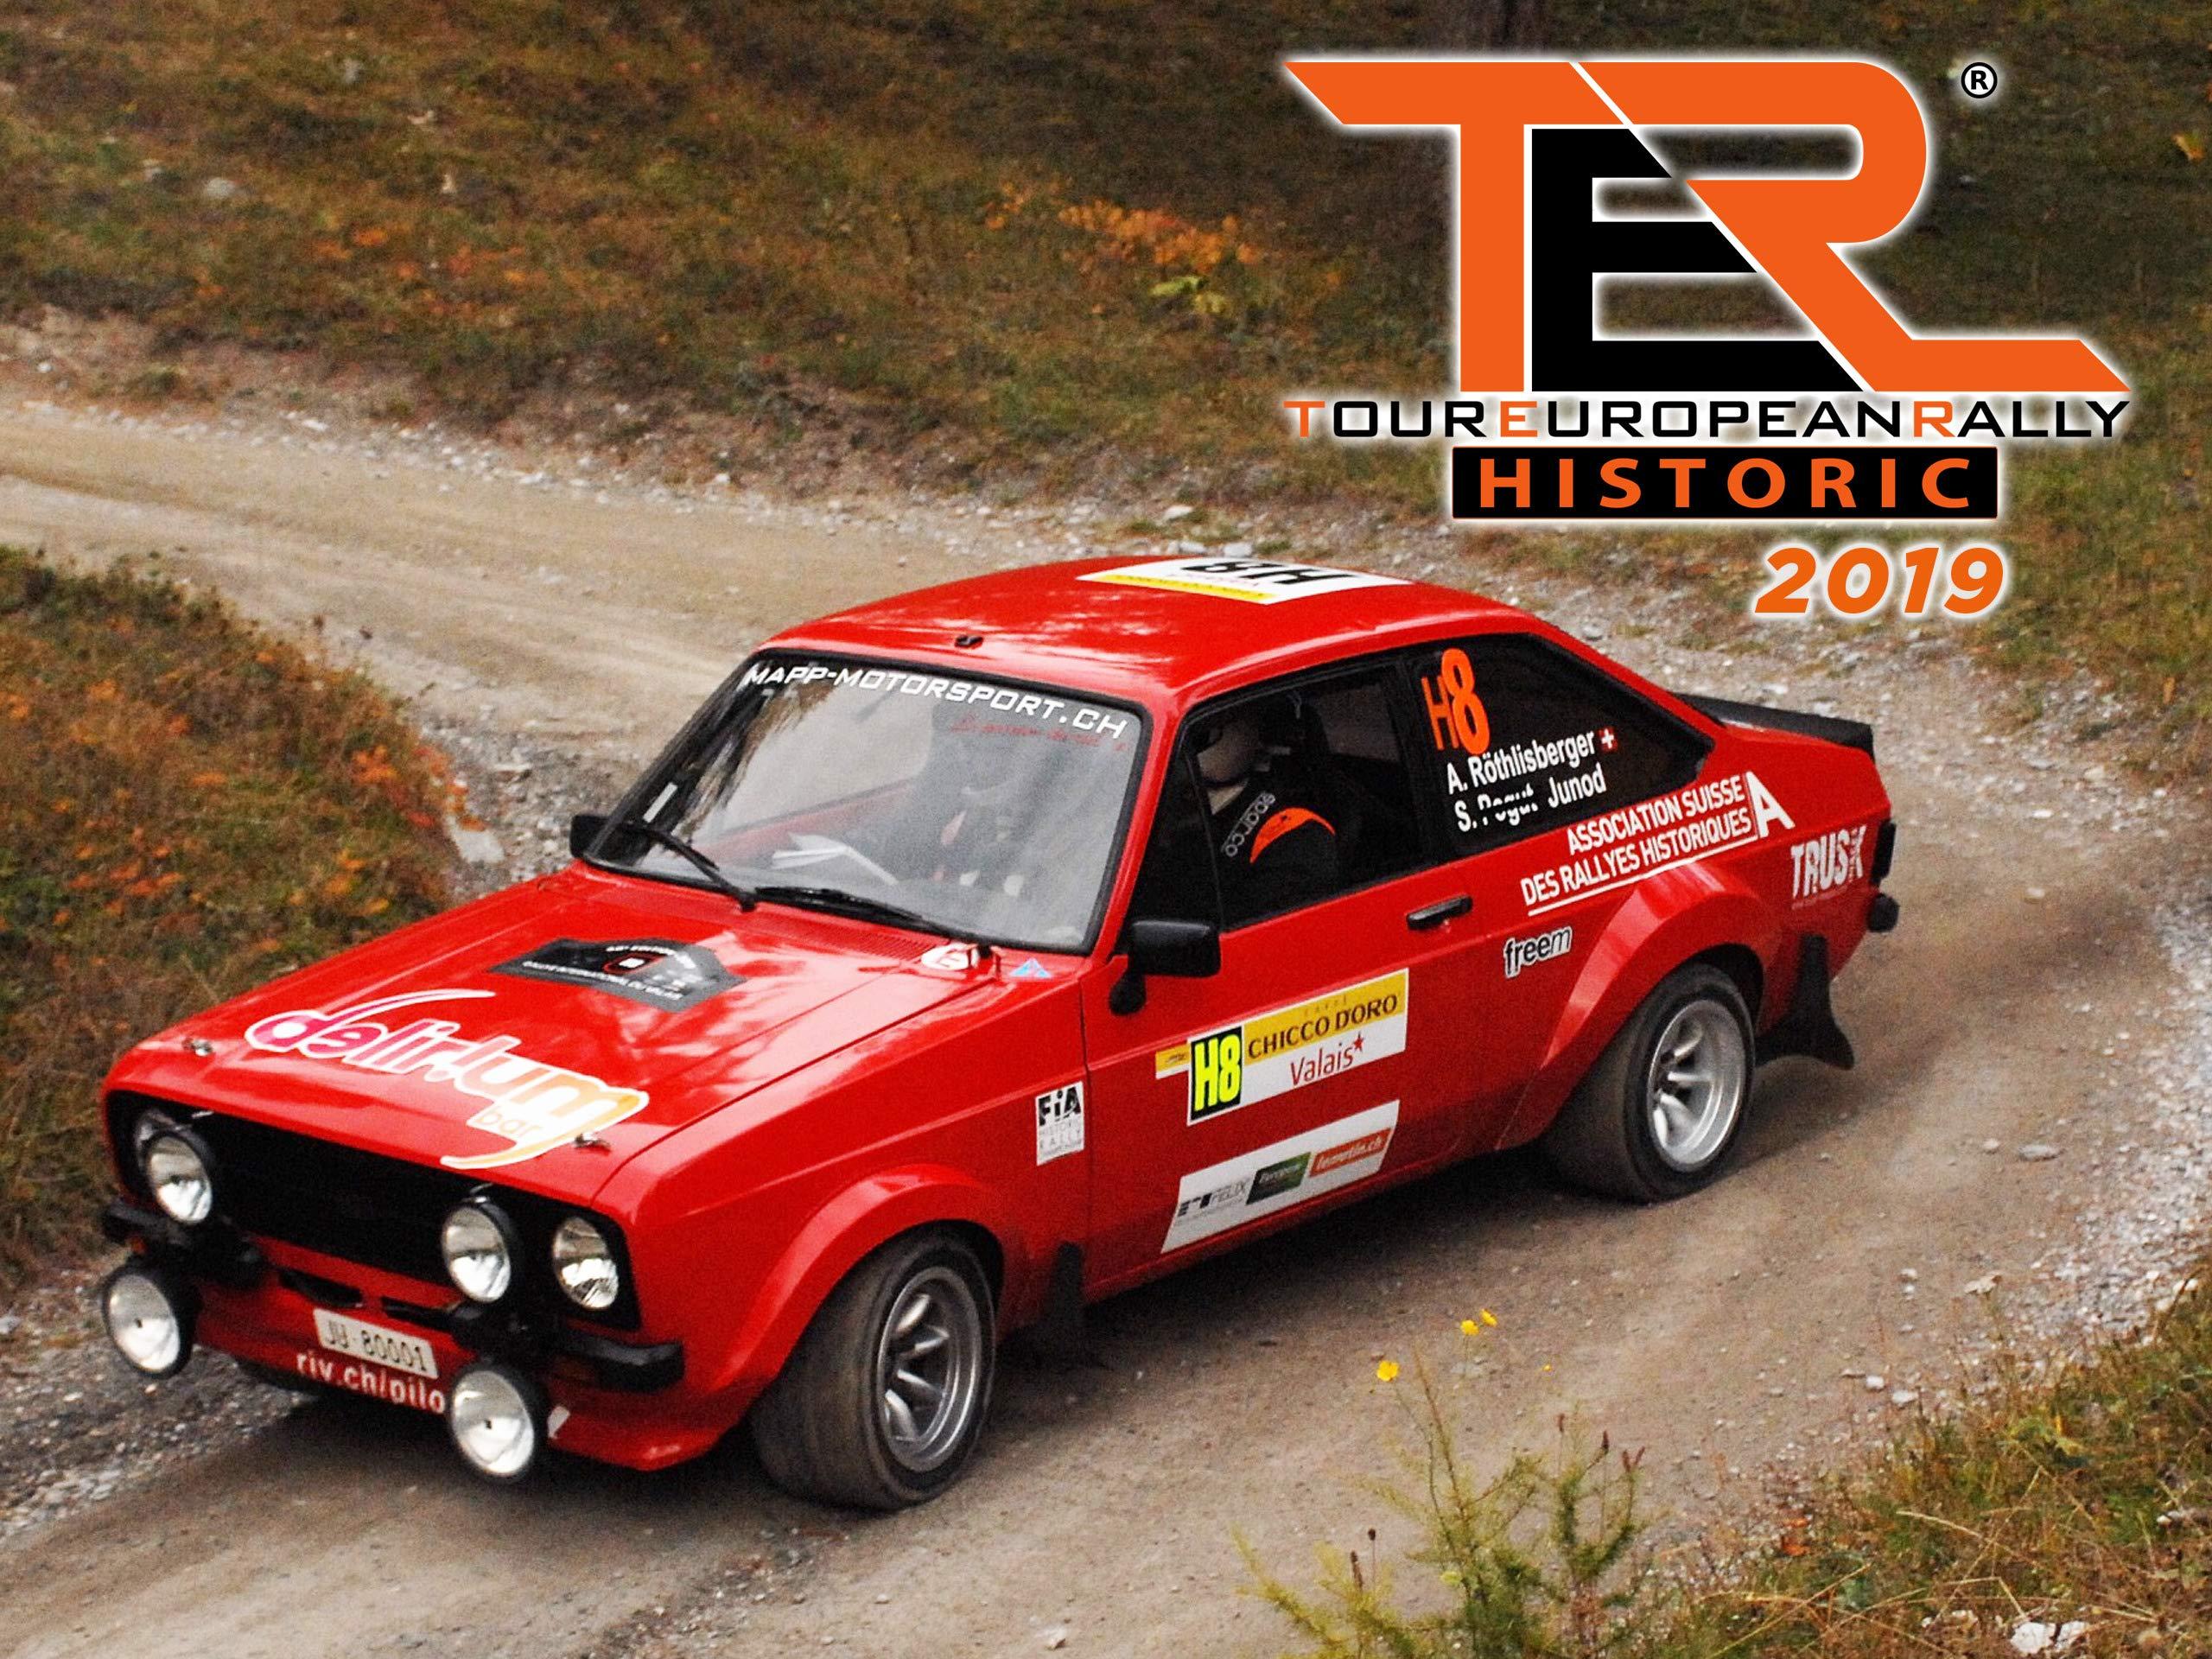 Tour European Rally Historic 2019 on Amazon Prime Video UK